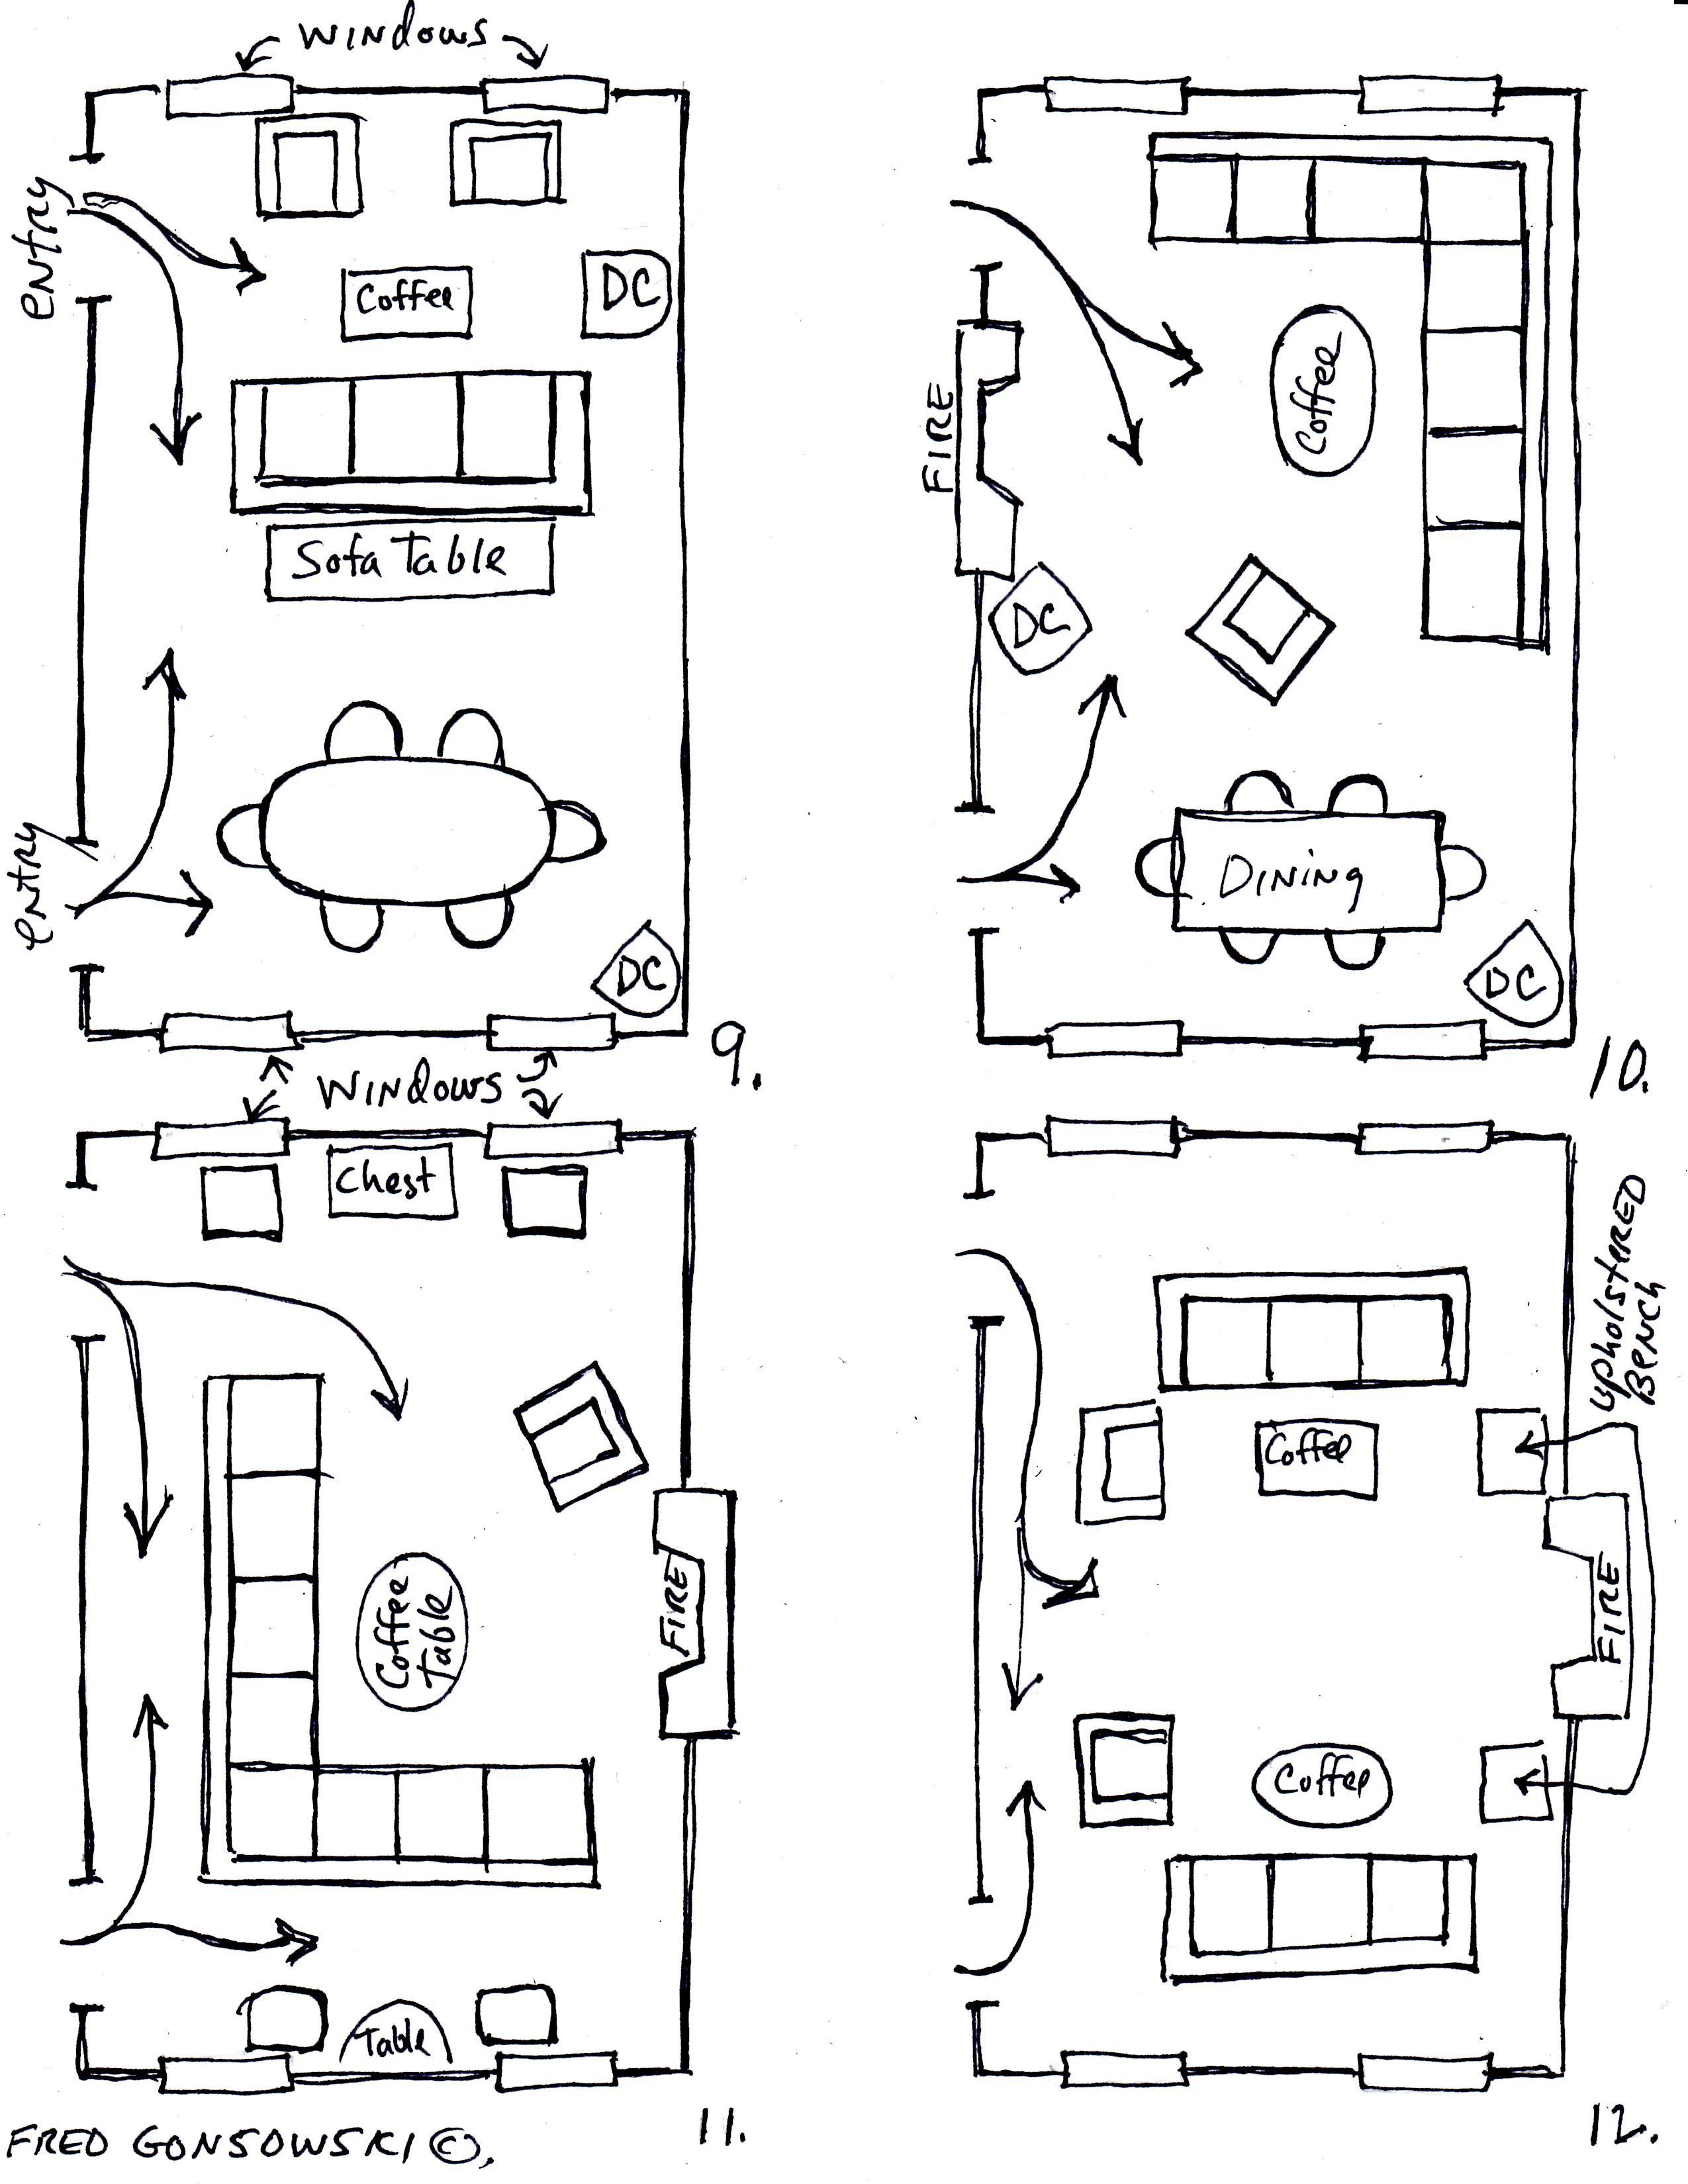 hight resolution of furniture setup for rectangular living room bottom left